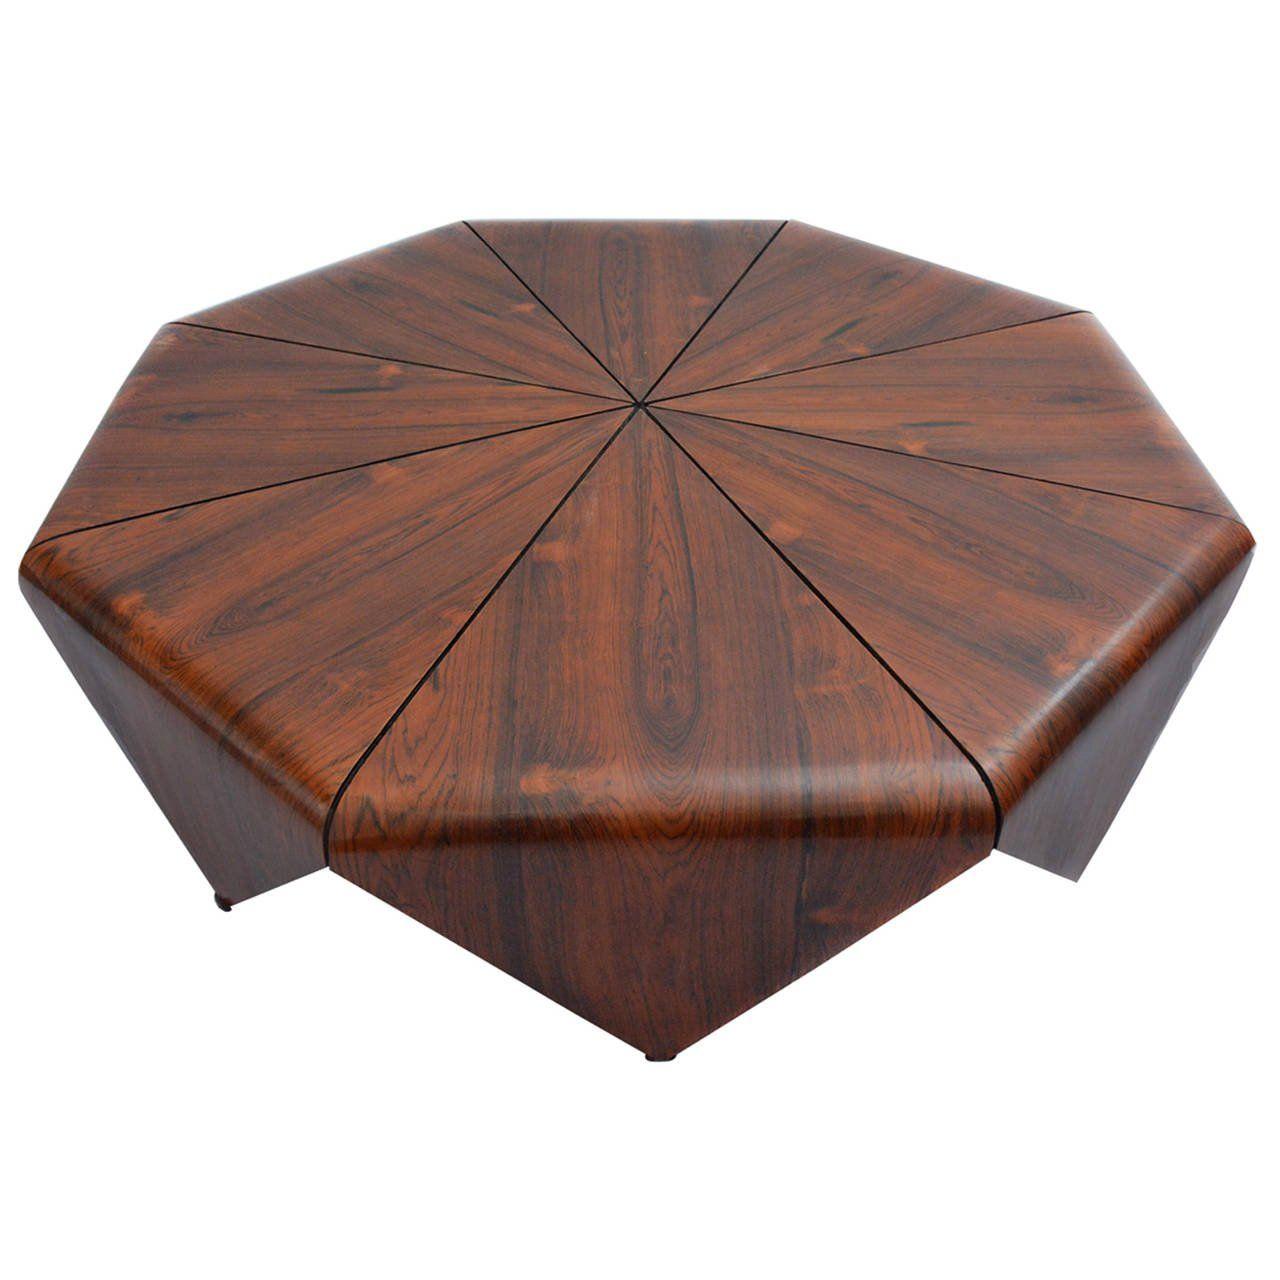 Quot Petalas Quot Octagonal Brazilian Jacaranda Coffe Table Metal Coffee Table Coffee Table Coffee Tables For Sale [ 1280 x 1280 Pixel ]